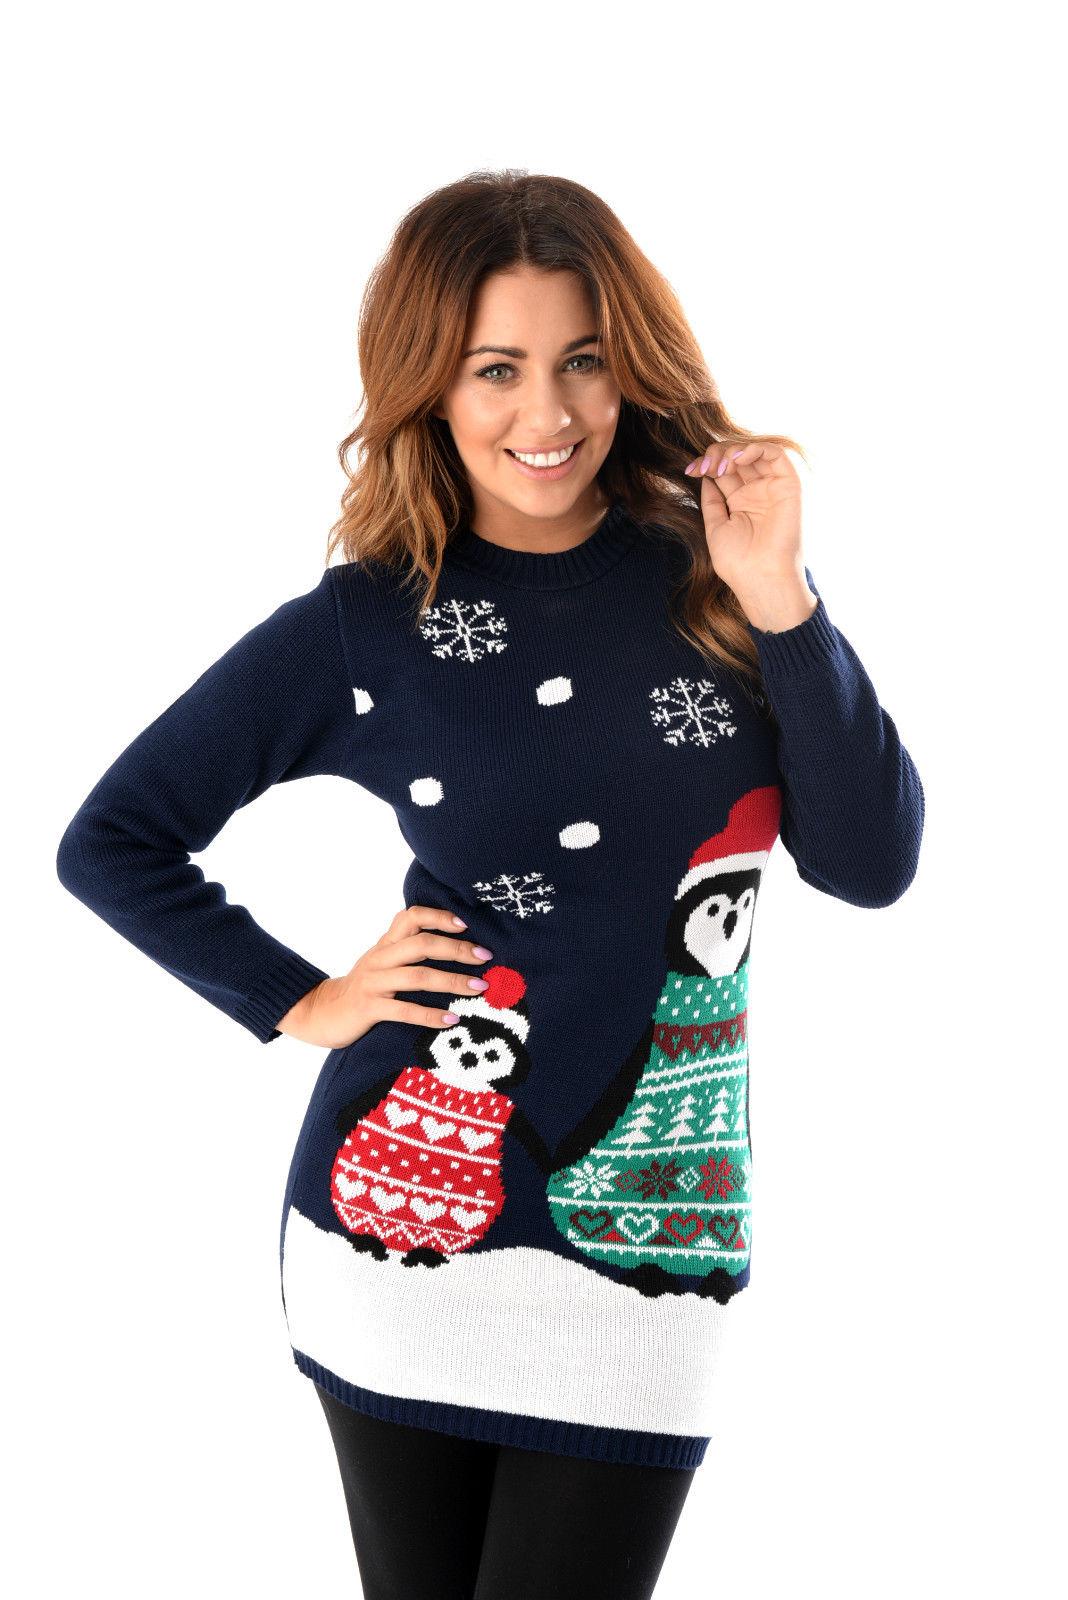 haut de gamme authentique une performance supérieure marques reconnues Pull de Noël - Tunique manchot - Pull de Noël - Achat en ligne de textiles  haute qualité pour l'hiver